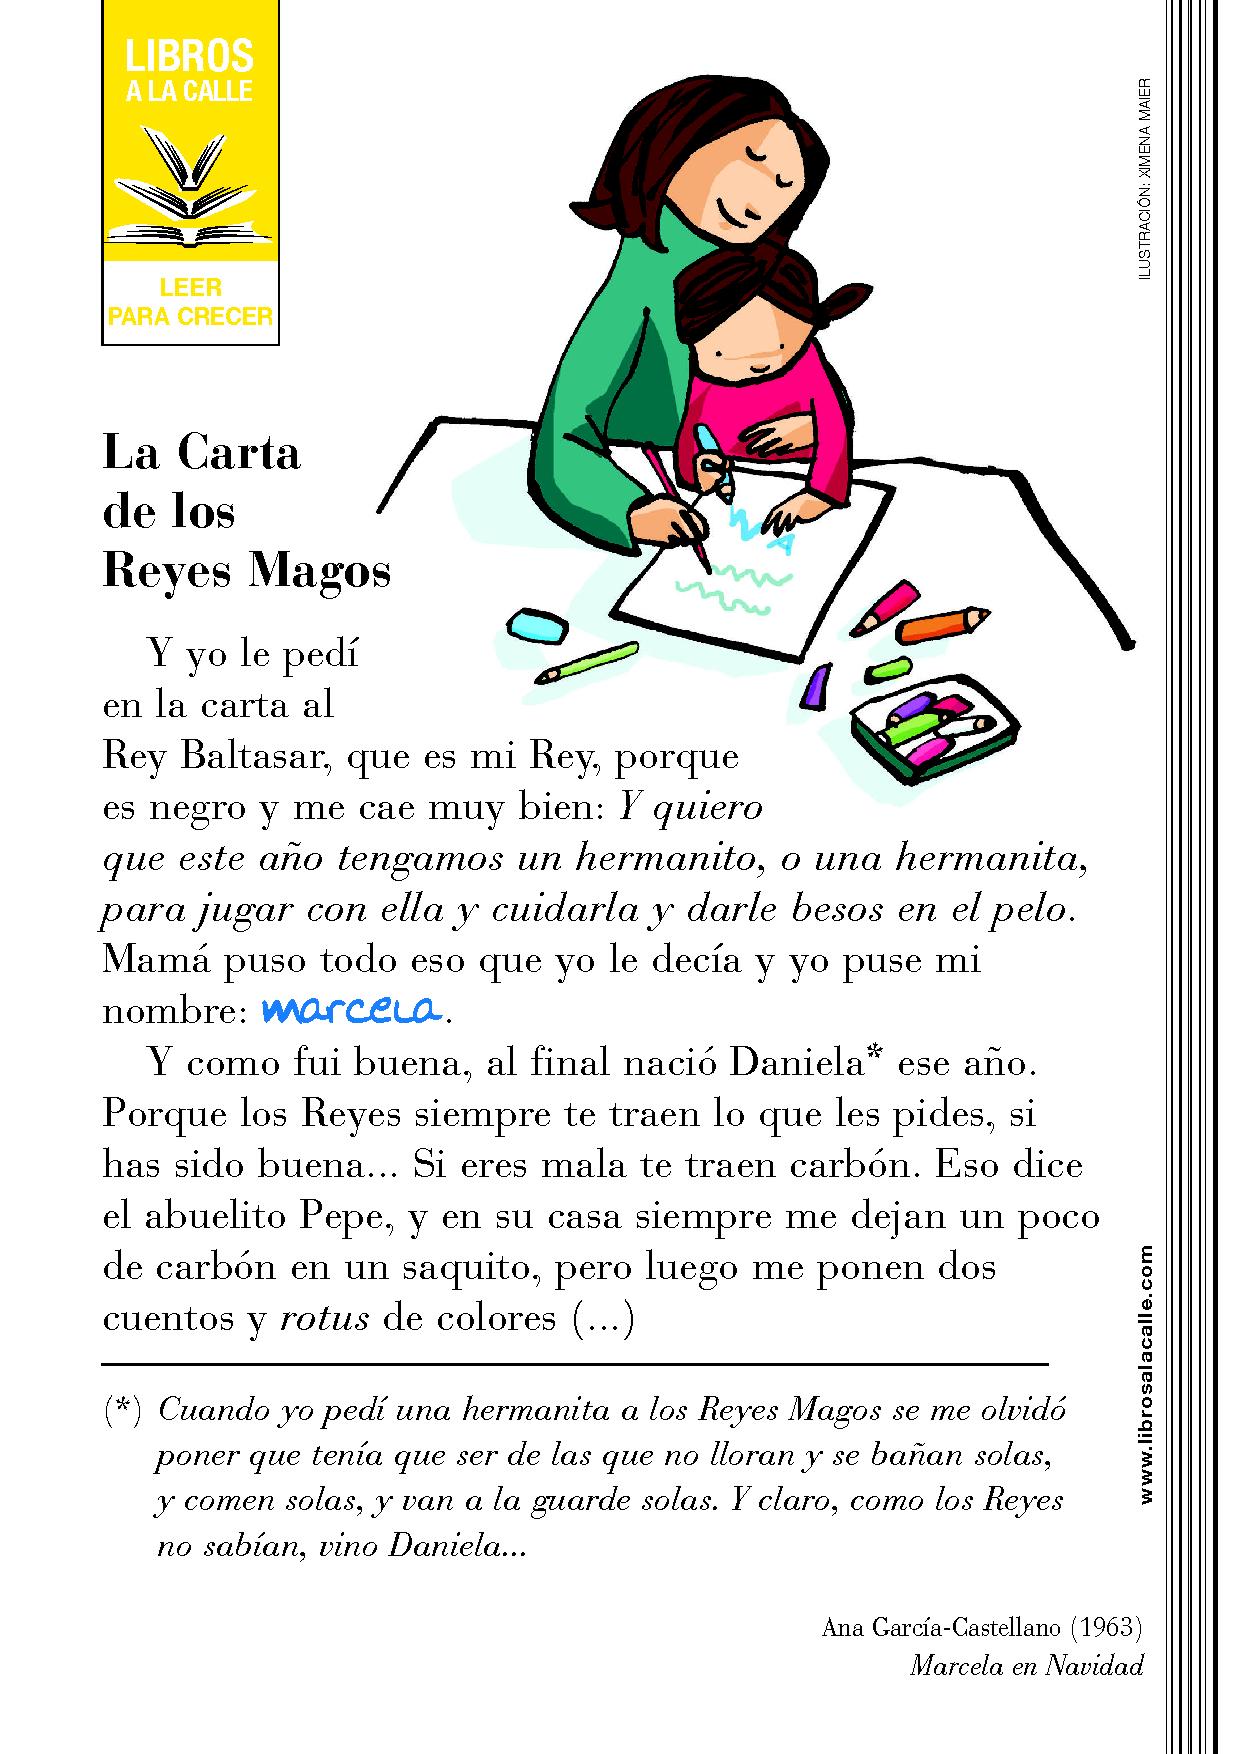 Un Sitio Muy Chulo Libros A La Calle Brosalacalle Web